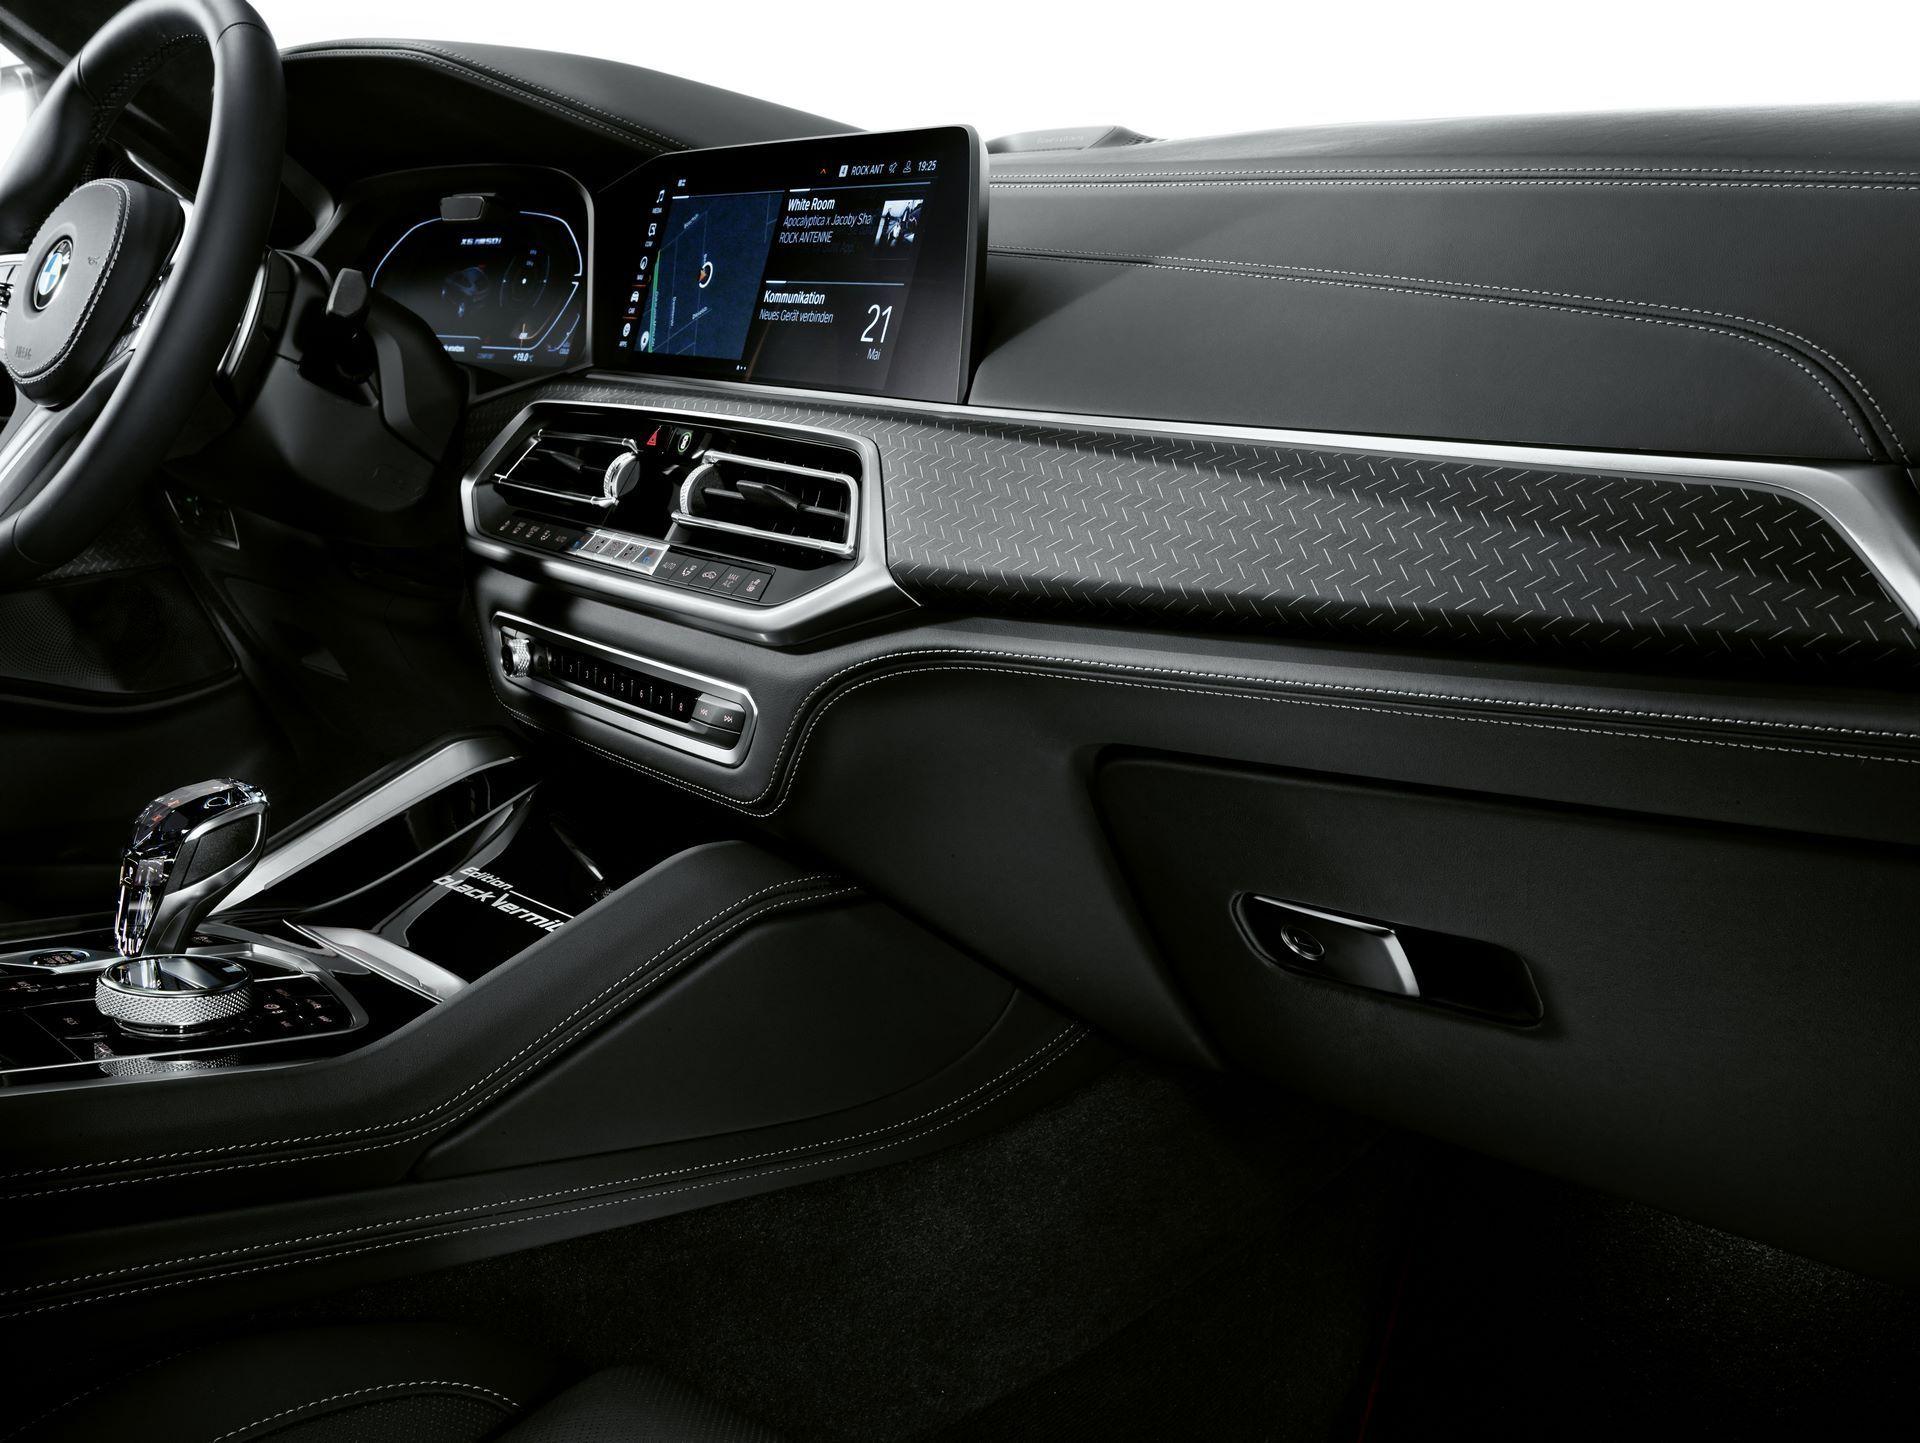 BMW-X5-Χ6-Black-Vermilion-X7-Limited-Edition-43